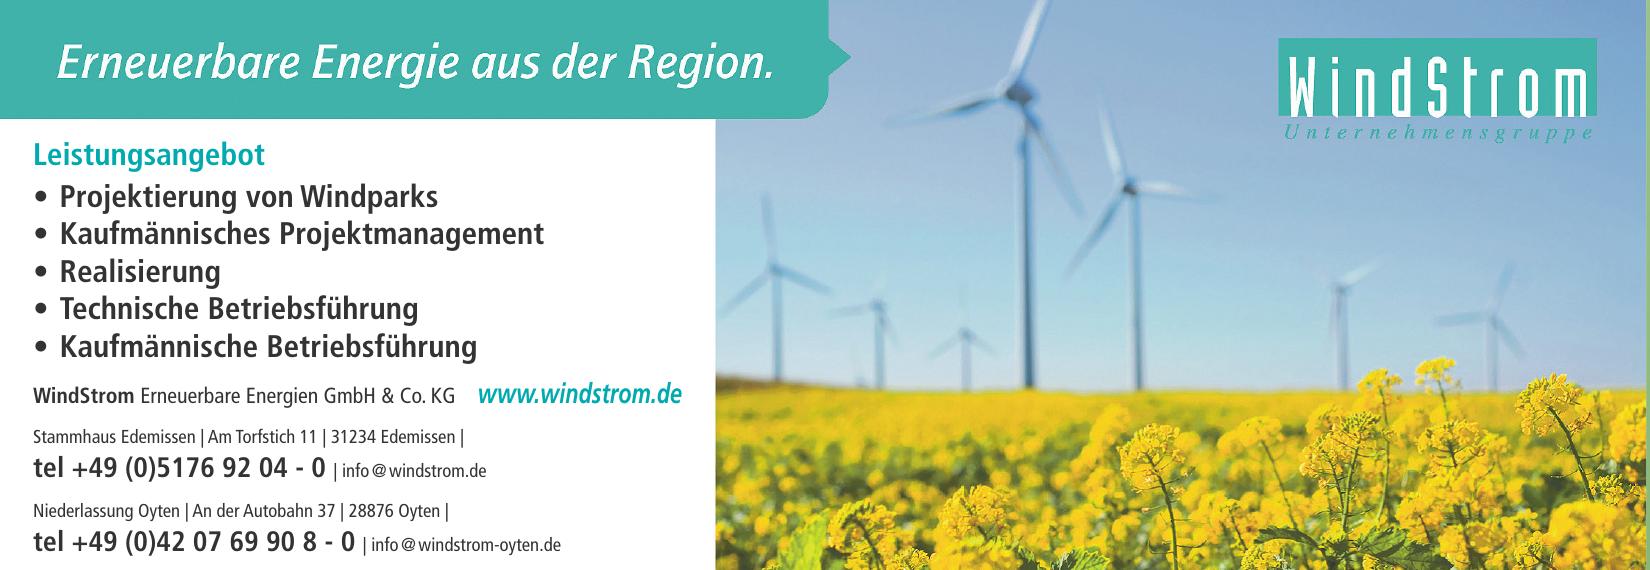 WindStrom Erneuerbare Energien GmbH & Co. KG - Stammhaus Edemissen